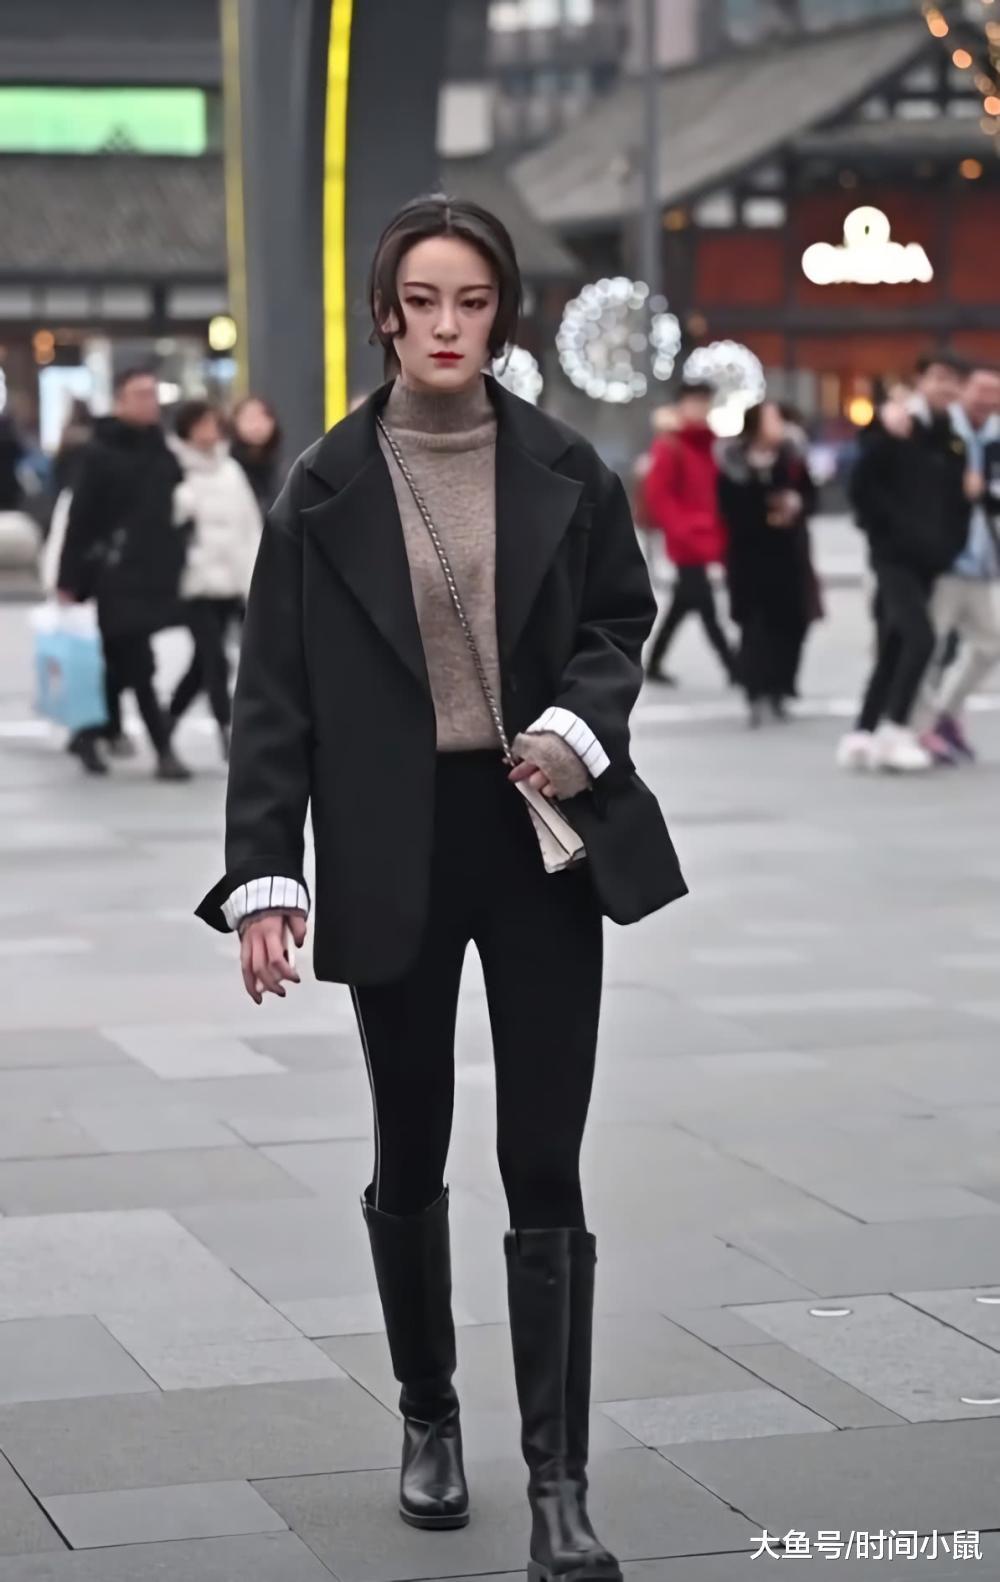 """美女的""""毛笔腿""""绝了,一般人瘦15斤穿不进的靴子,她穿成雨鞋"""